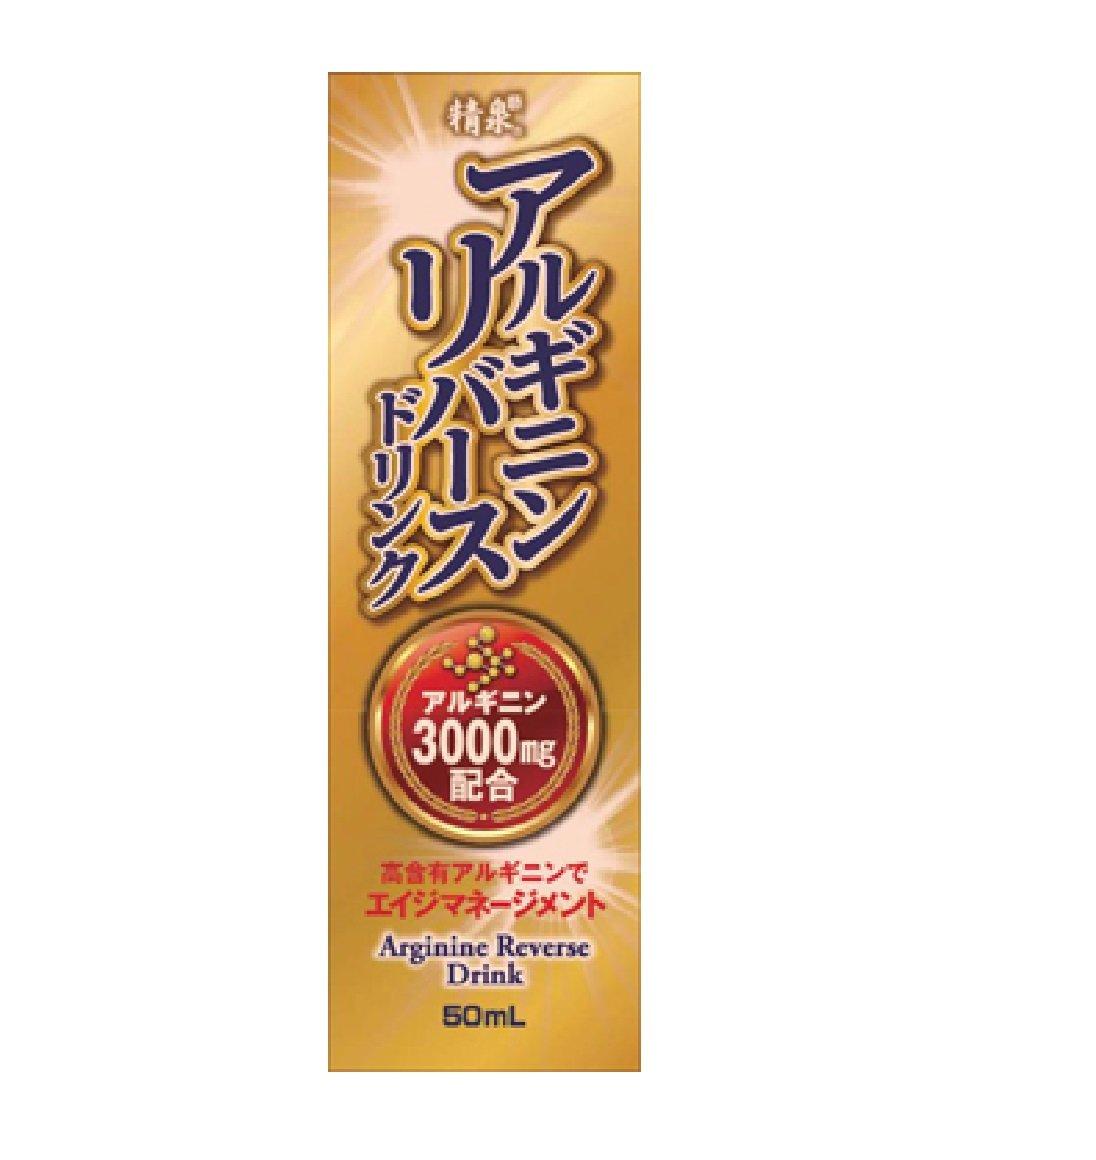 阪本漢法製薬 精泉アルギニンリバース液 50mLx10本 (ボール販売)   B0150Y2WBU